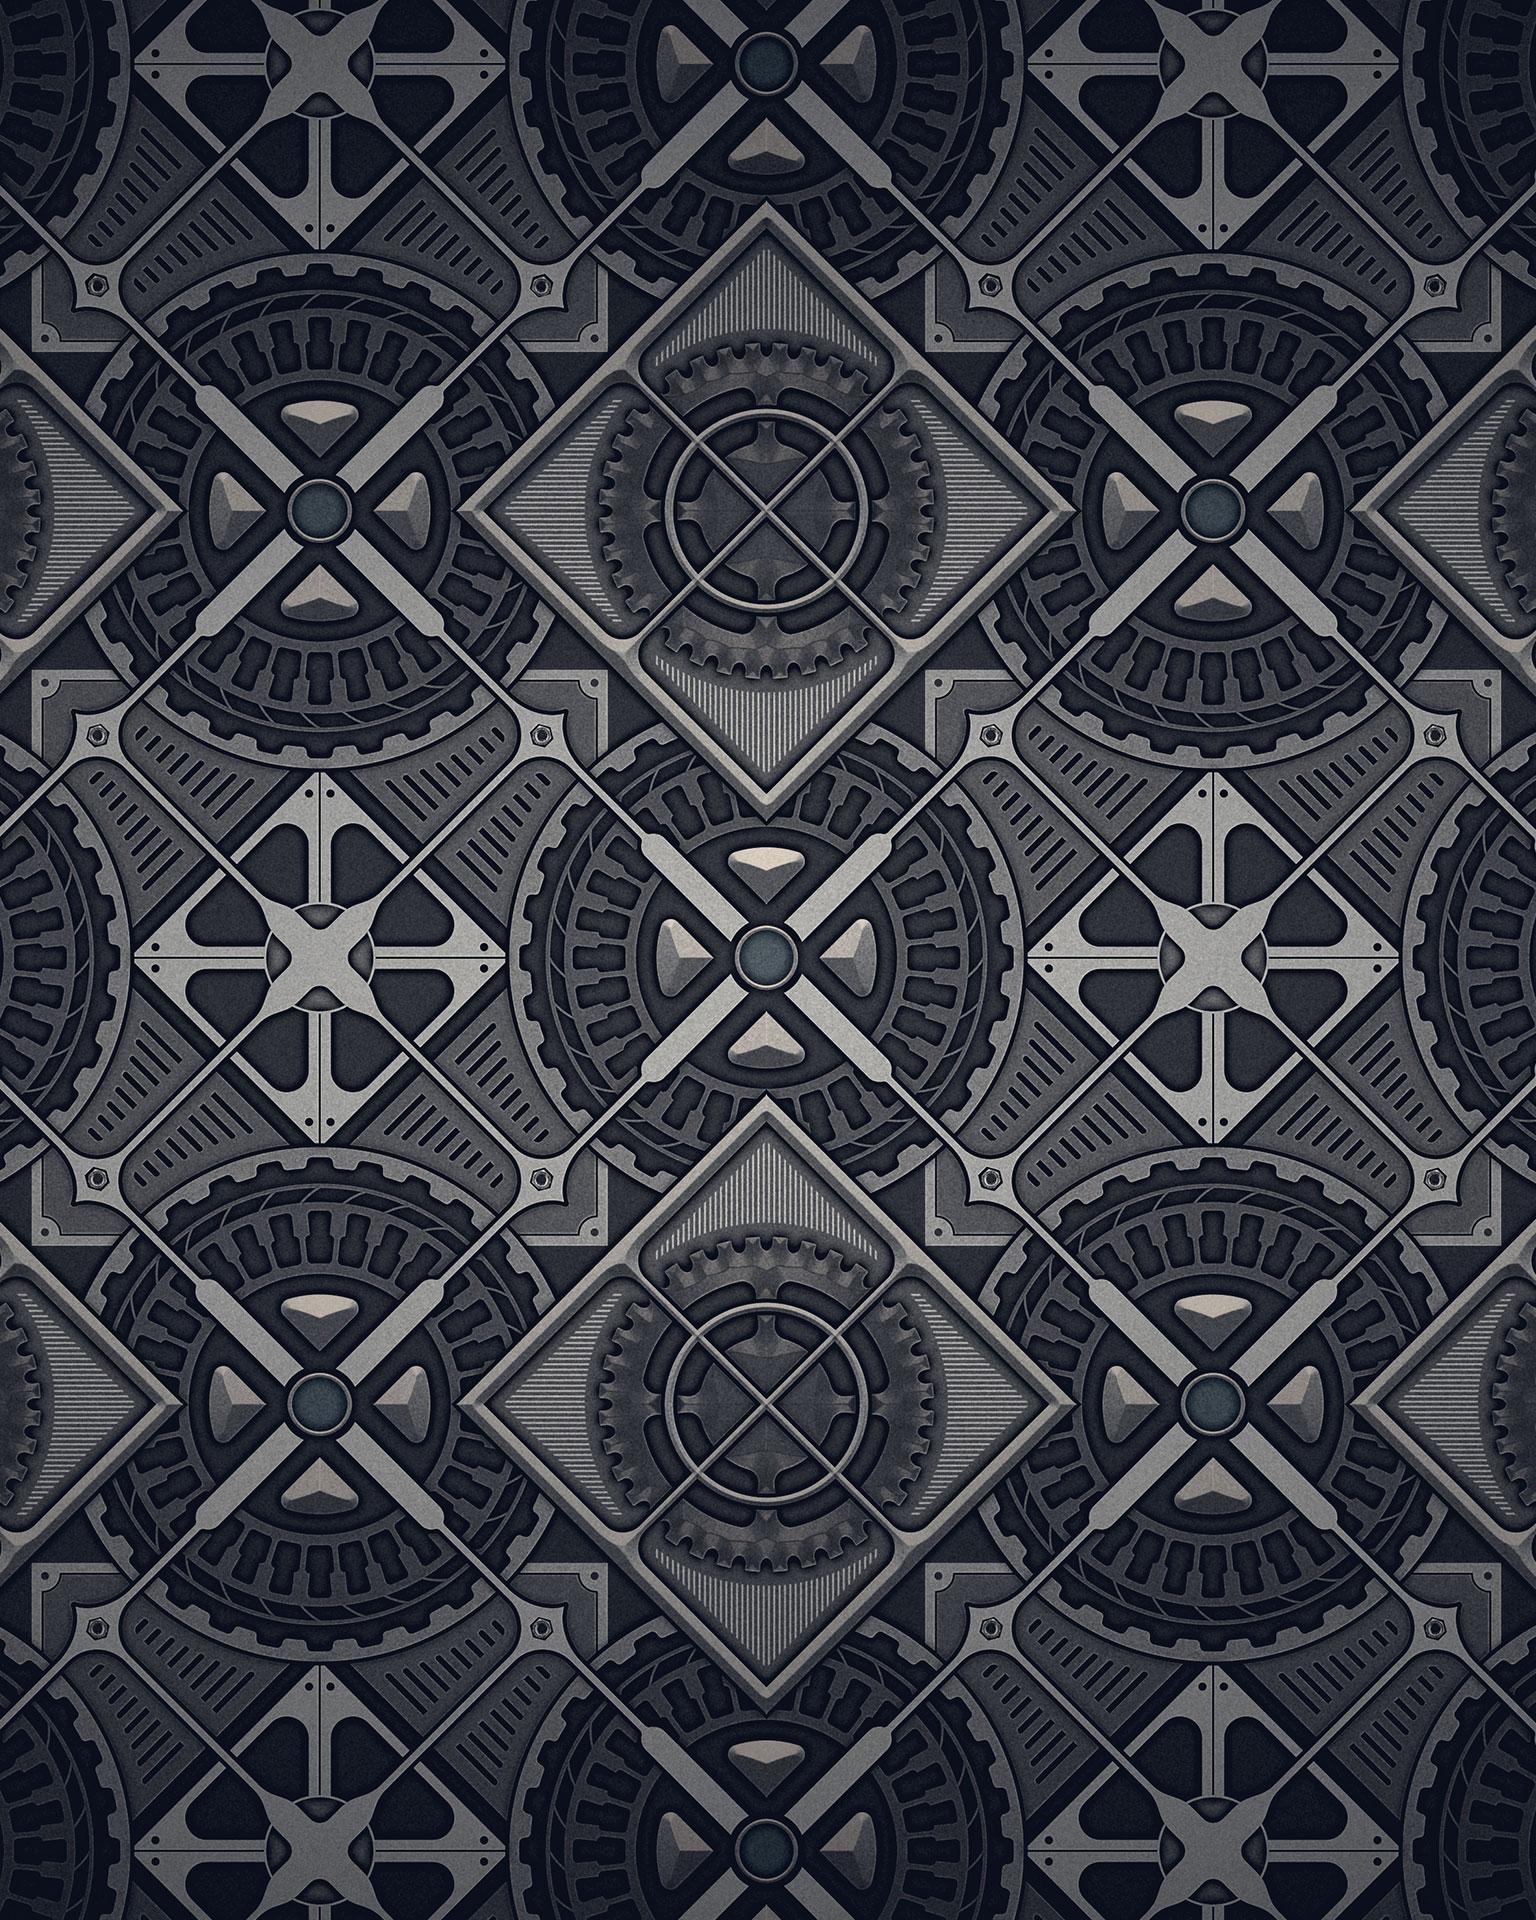 pattern-mech1.jpg